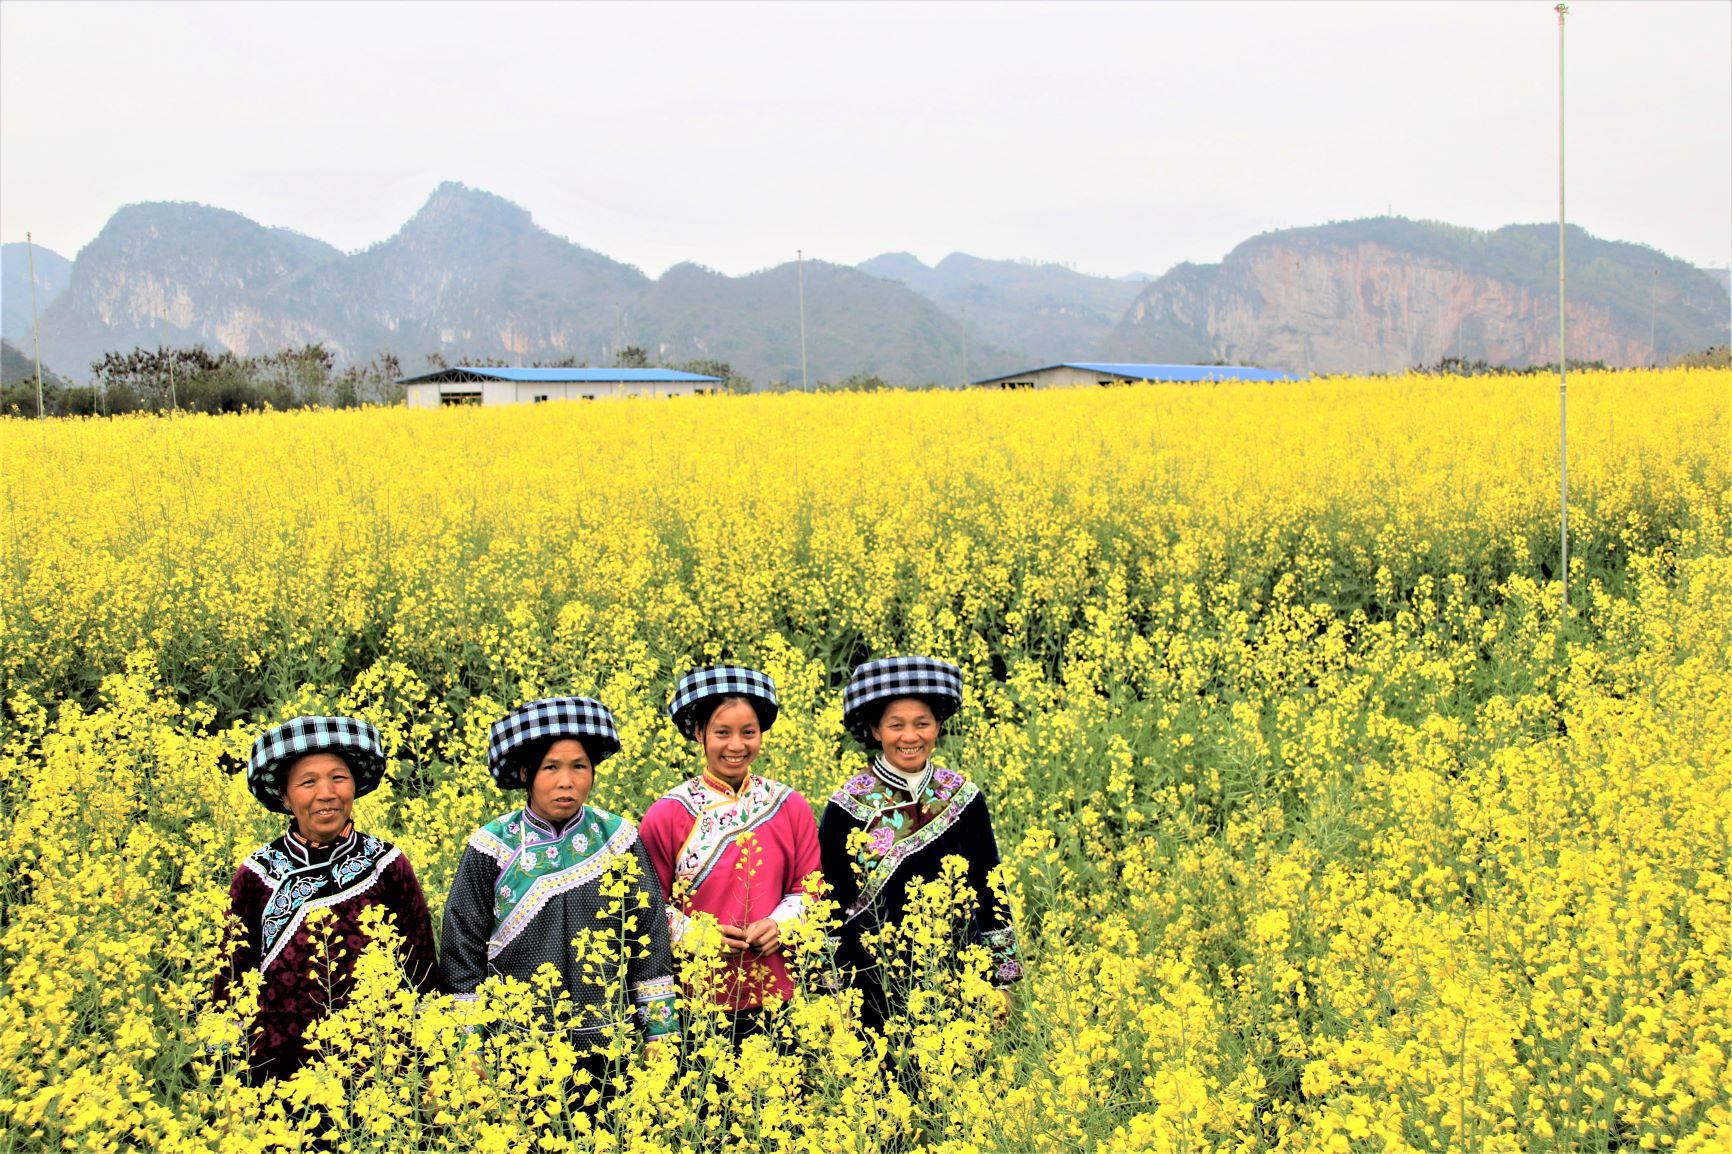 雷涛-05锦丰生态园内春意盎然